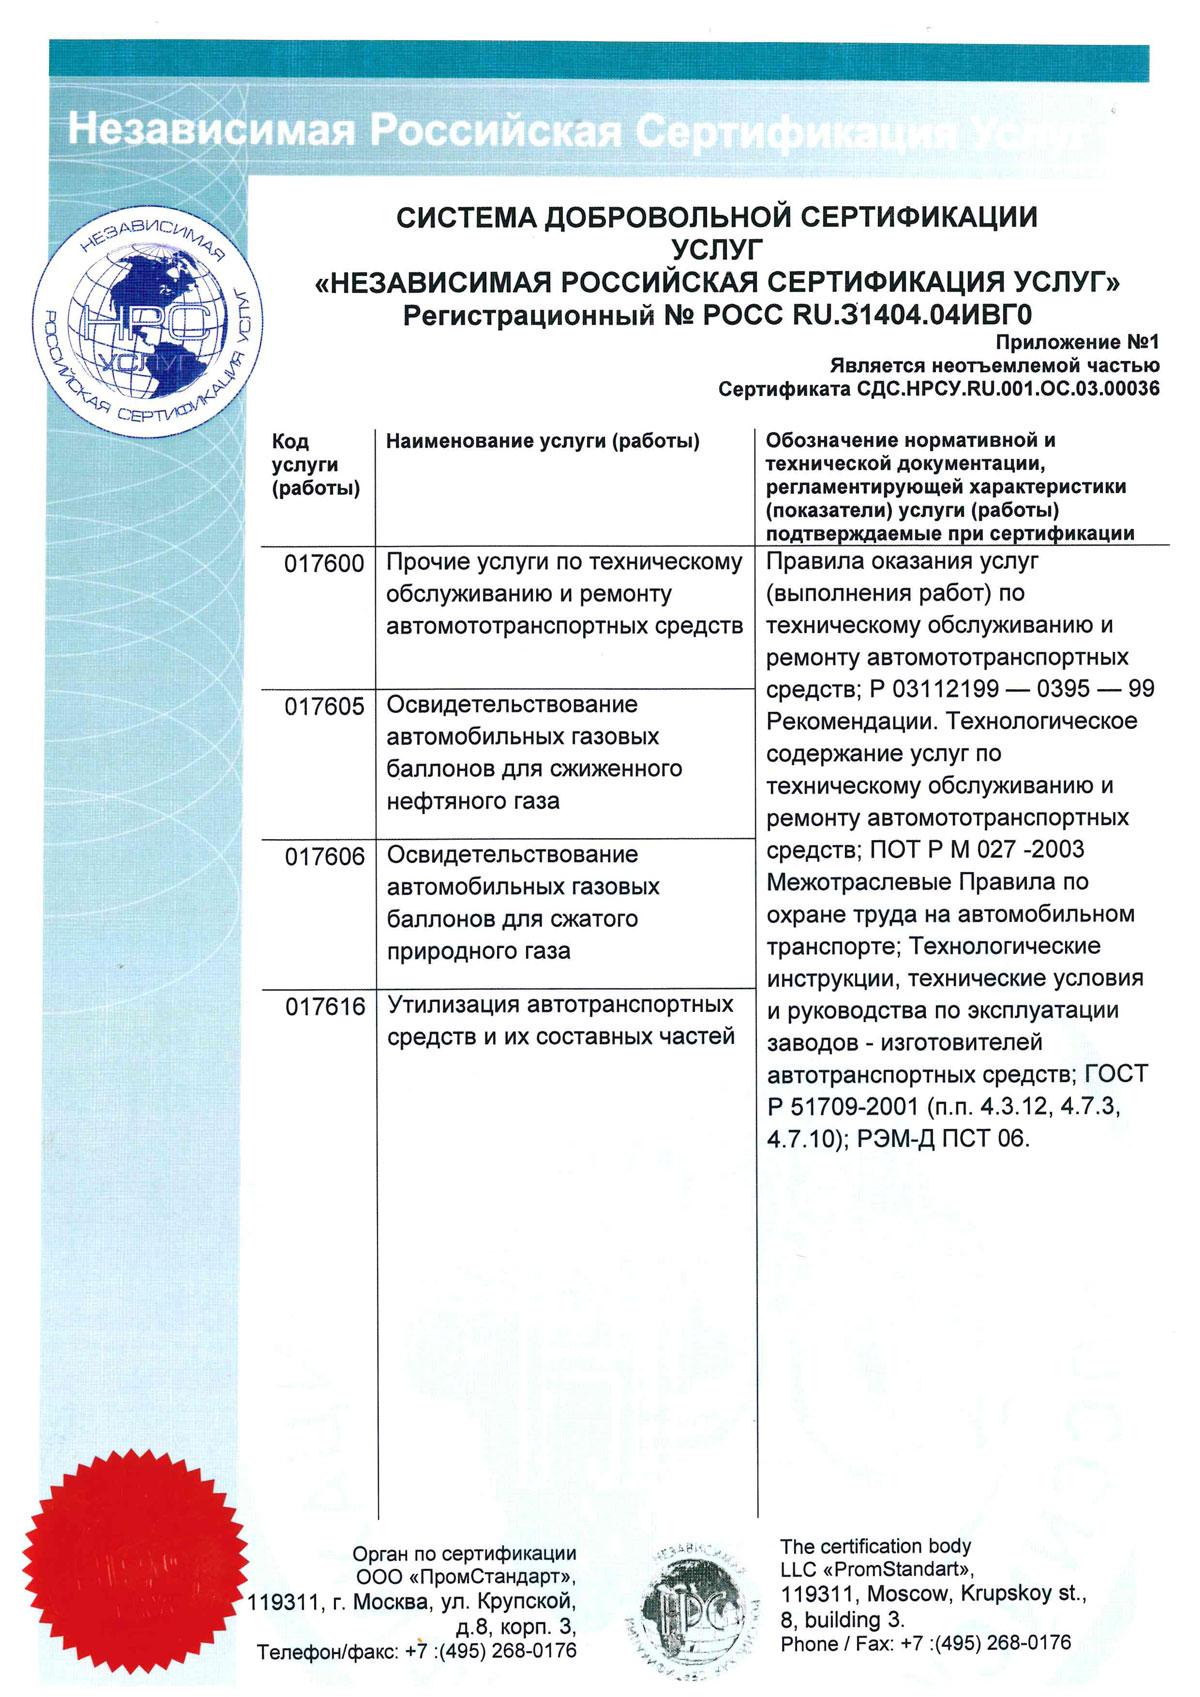 Сертификация туристских услуг.безопасность и качество услуг обязательная сертификация услуг общес